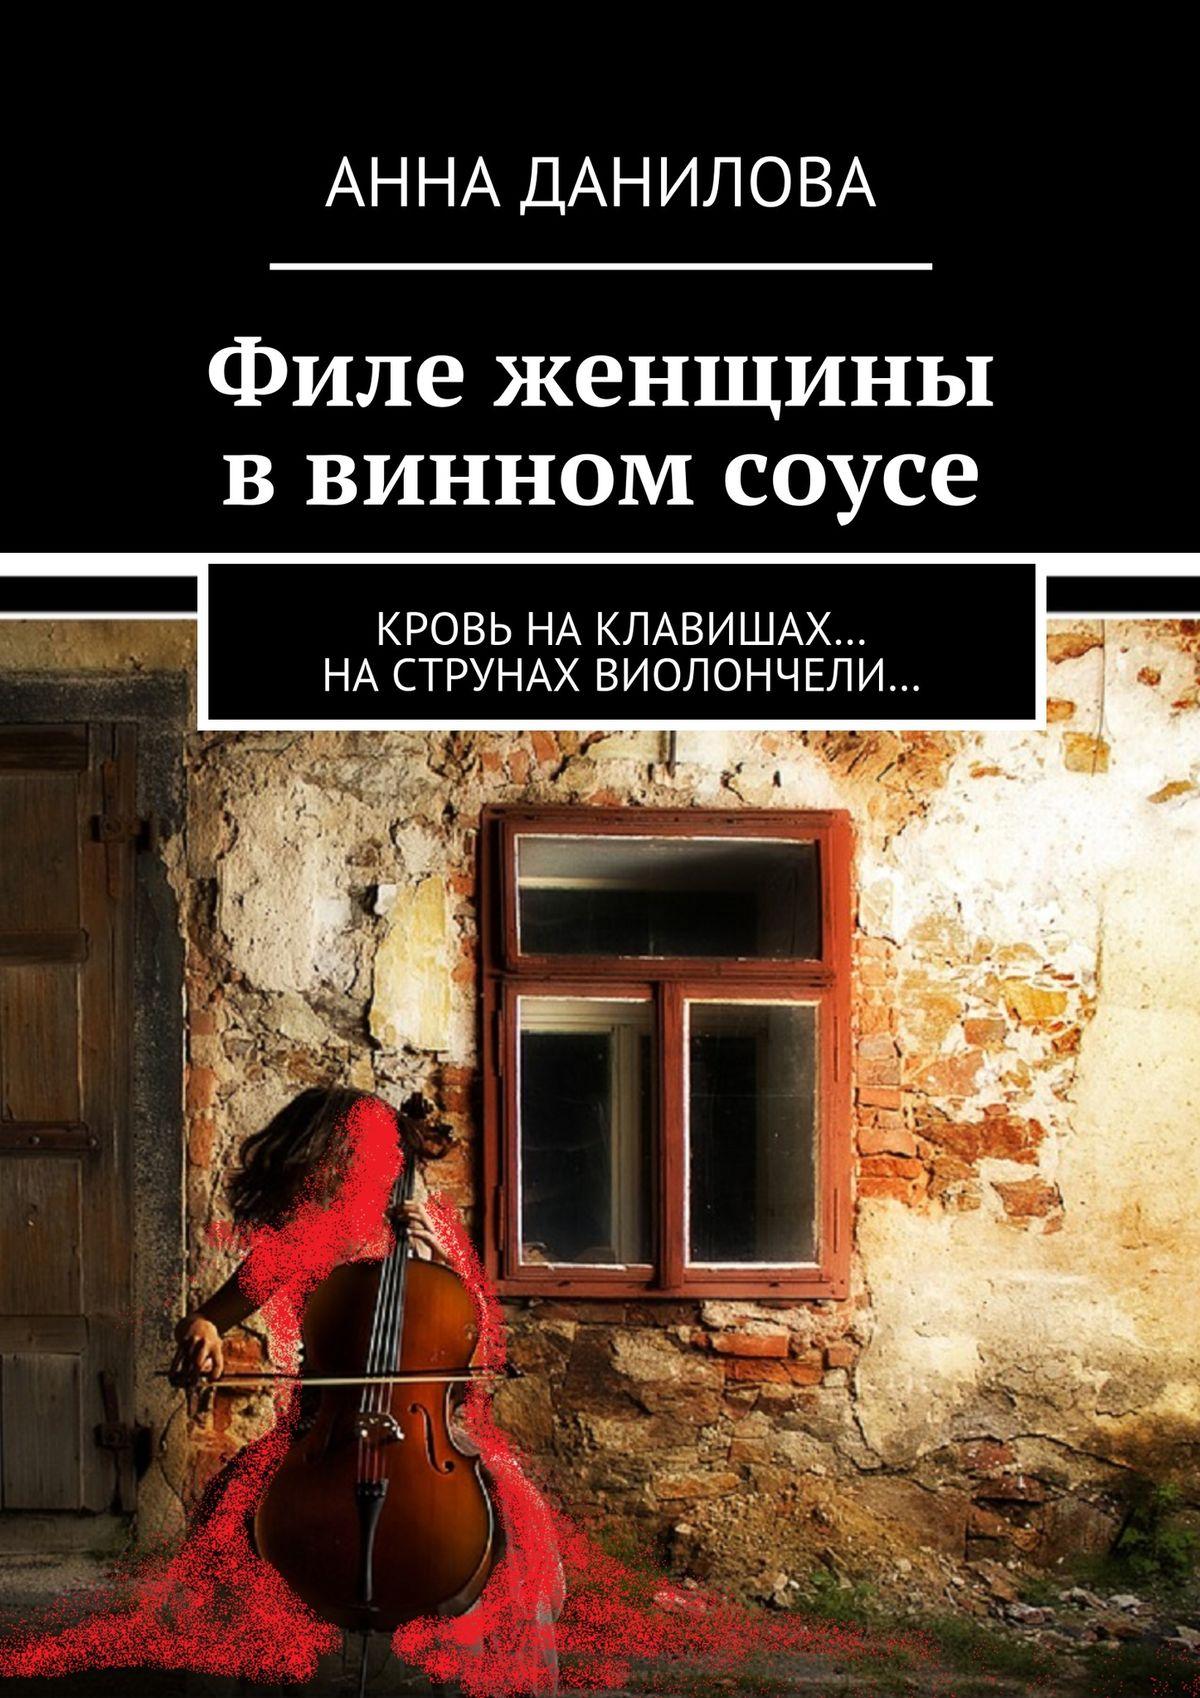 file zhenshchiny v vinnom souse krov na klavishakh na strunakh violoncheli